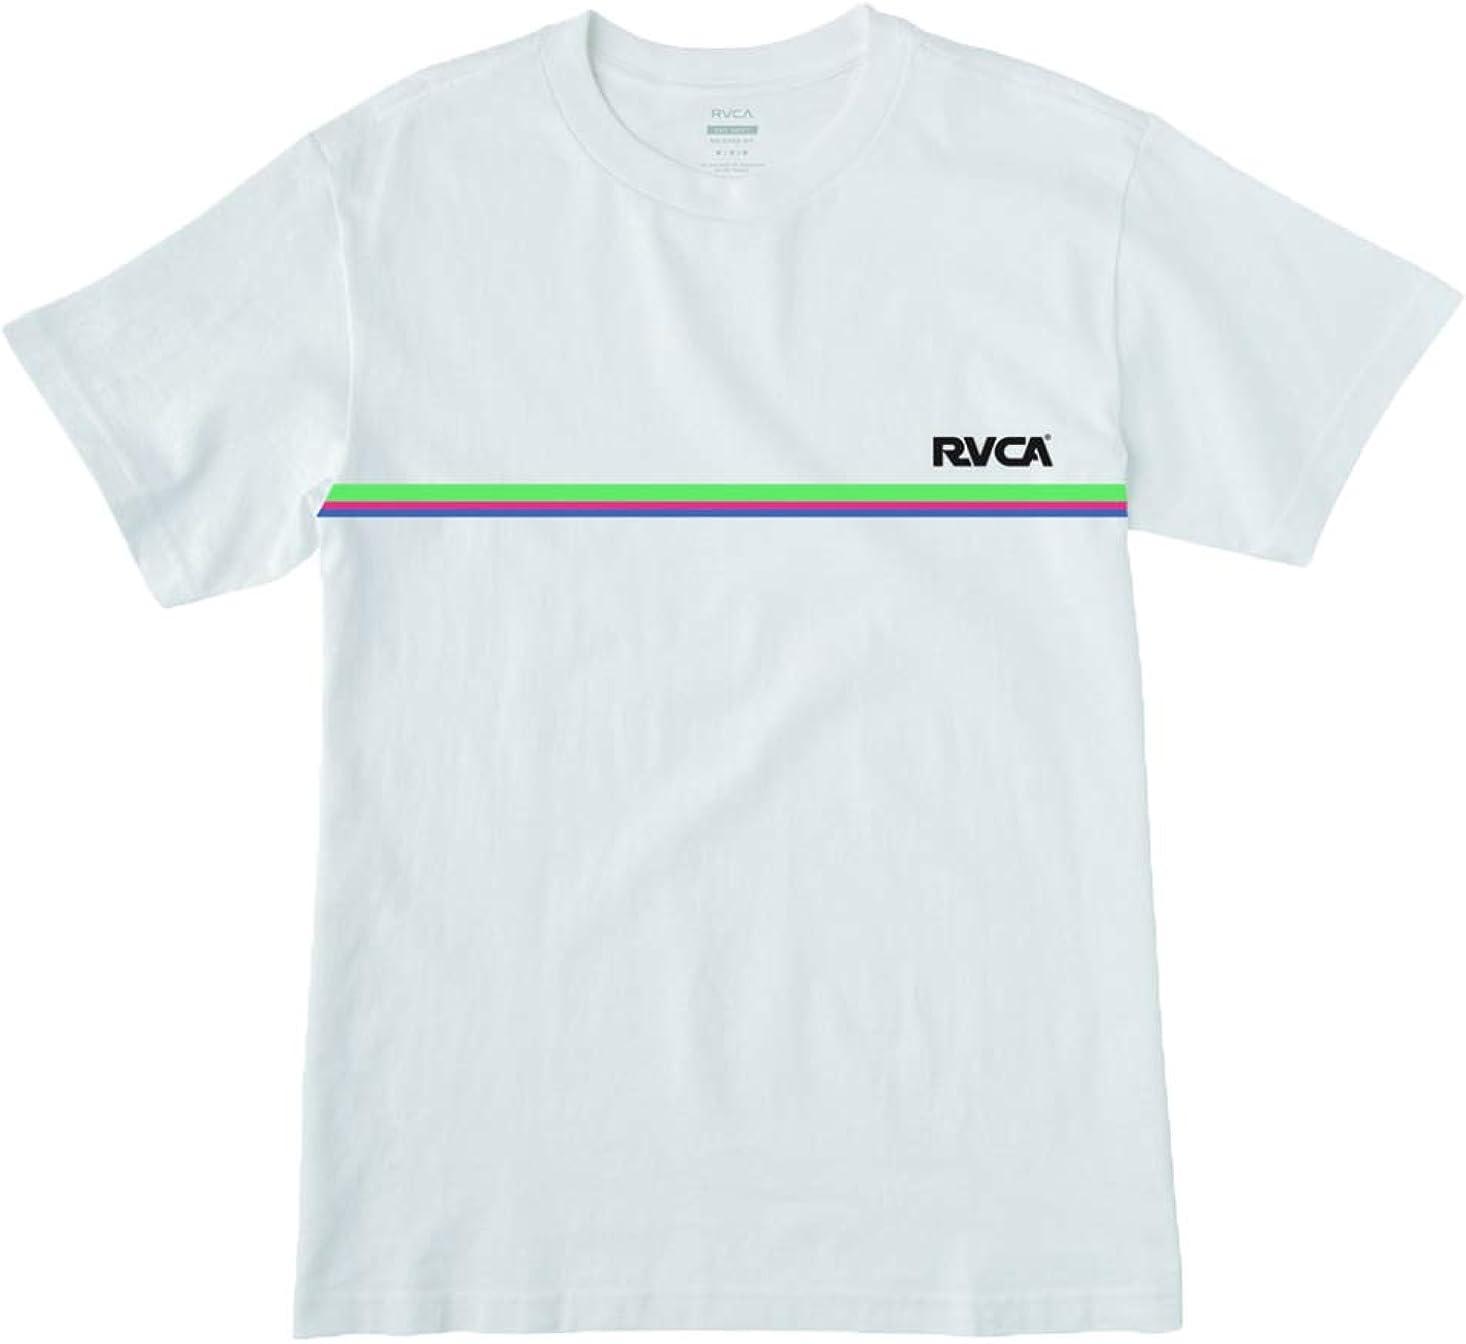 RVCA Cannonball - Camiseta para hombre - Blanco - X-Large: Amazon.es: Ropa y accesorios